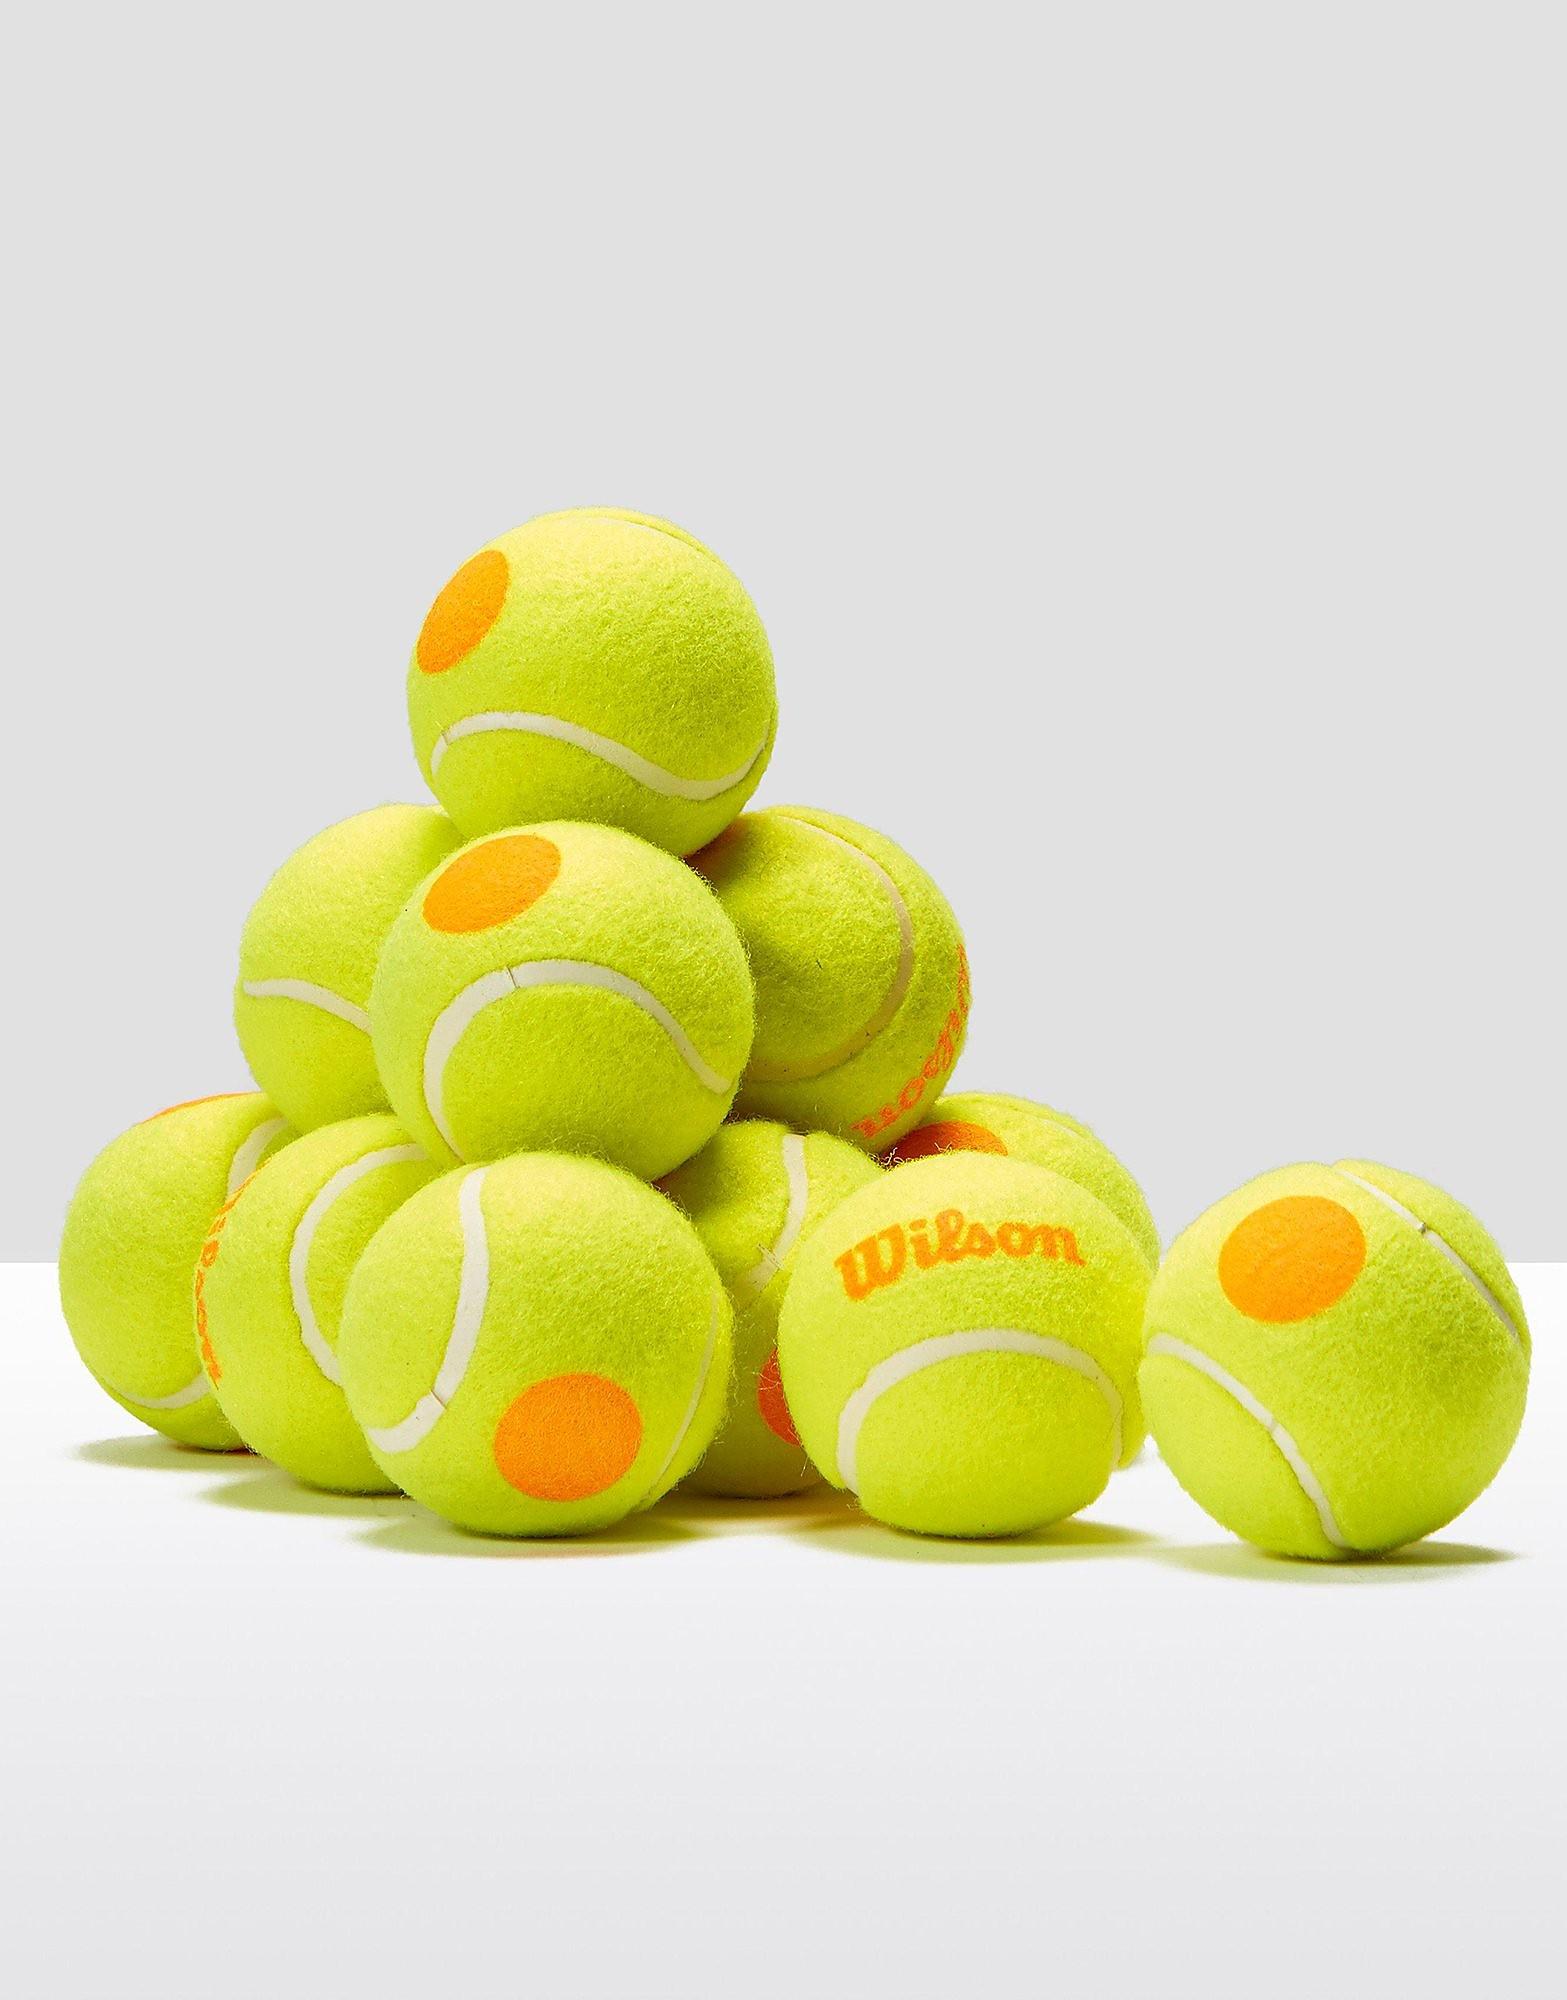 Wilson Starter Game Orange Tennis Balls - 1 Dozen Balls